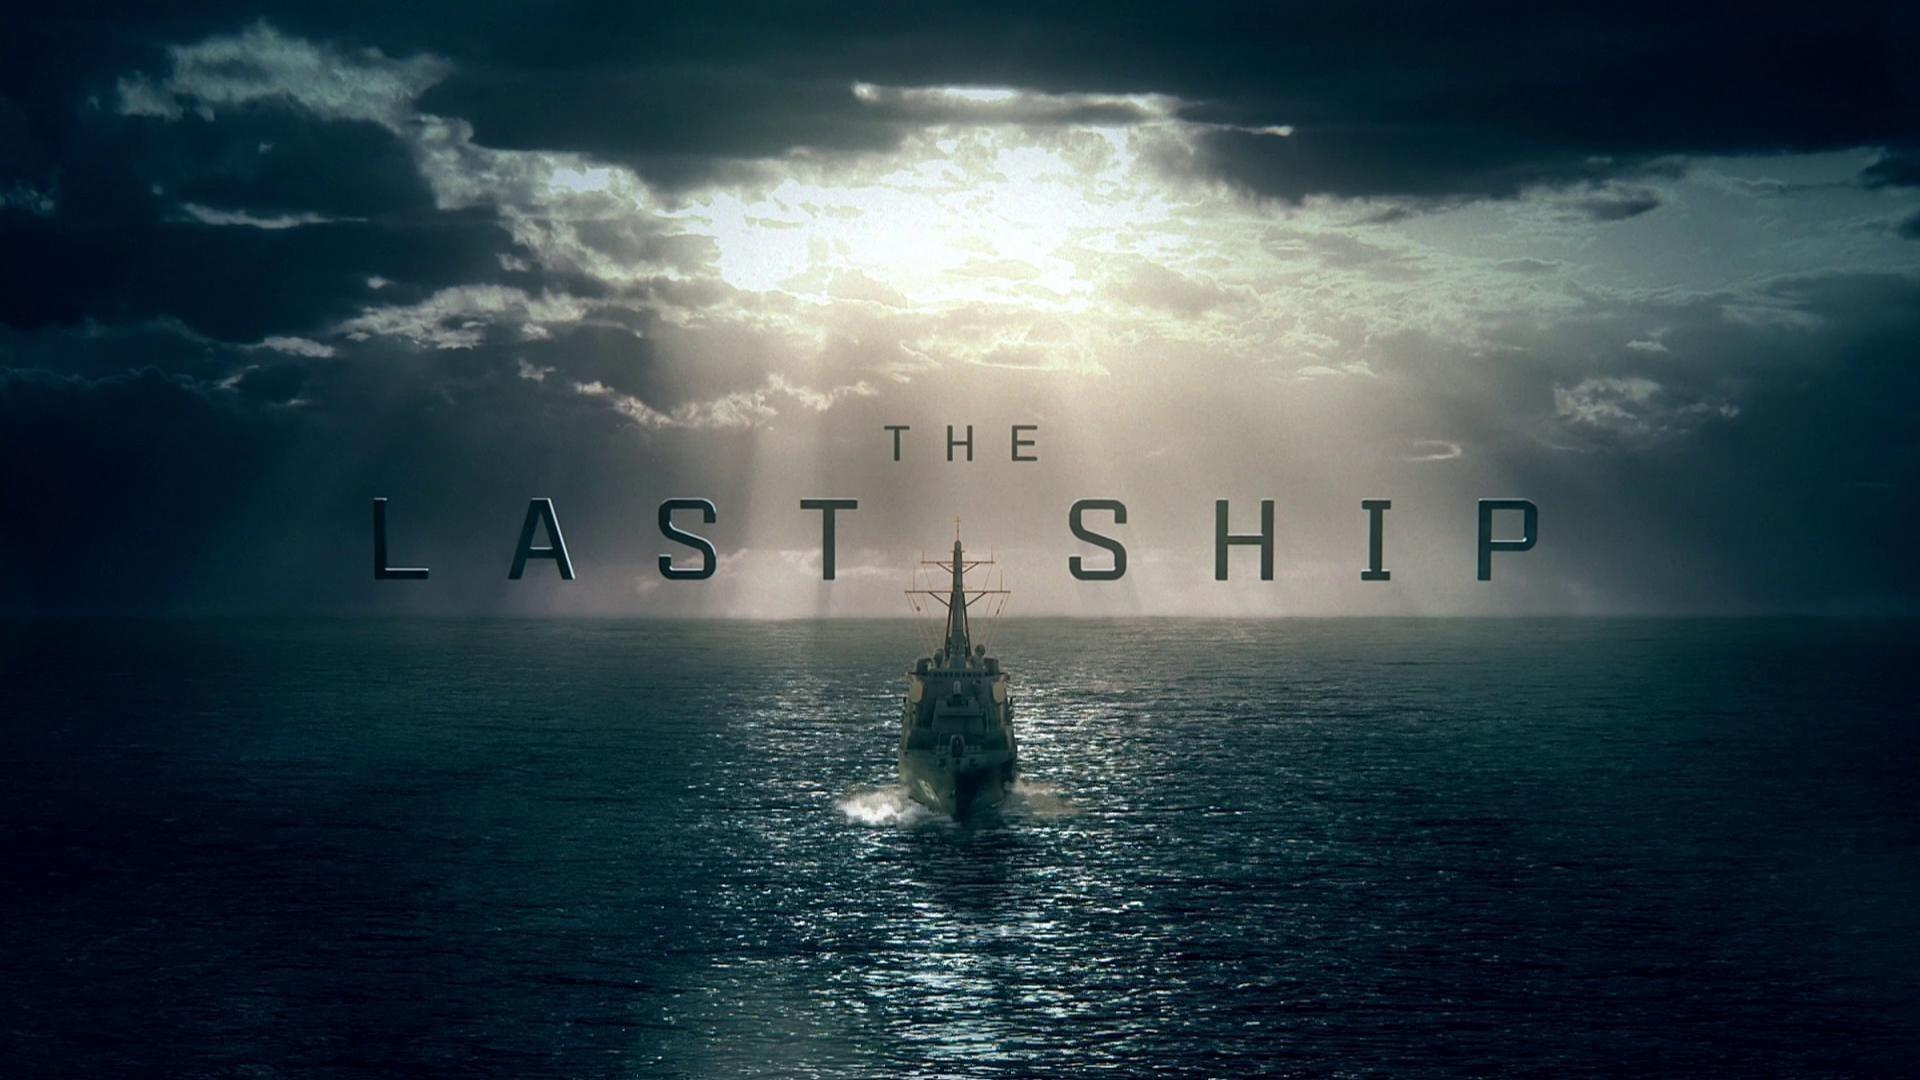 Maak kans op de complete serie van The Last Ship